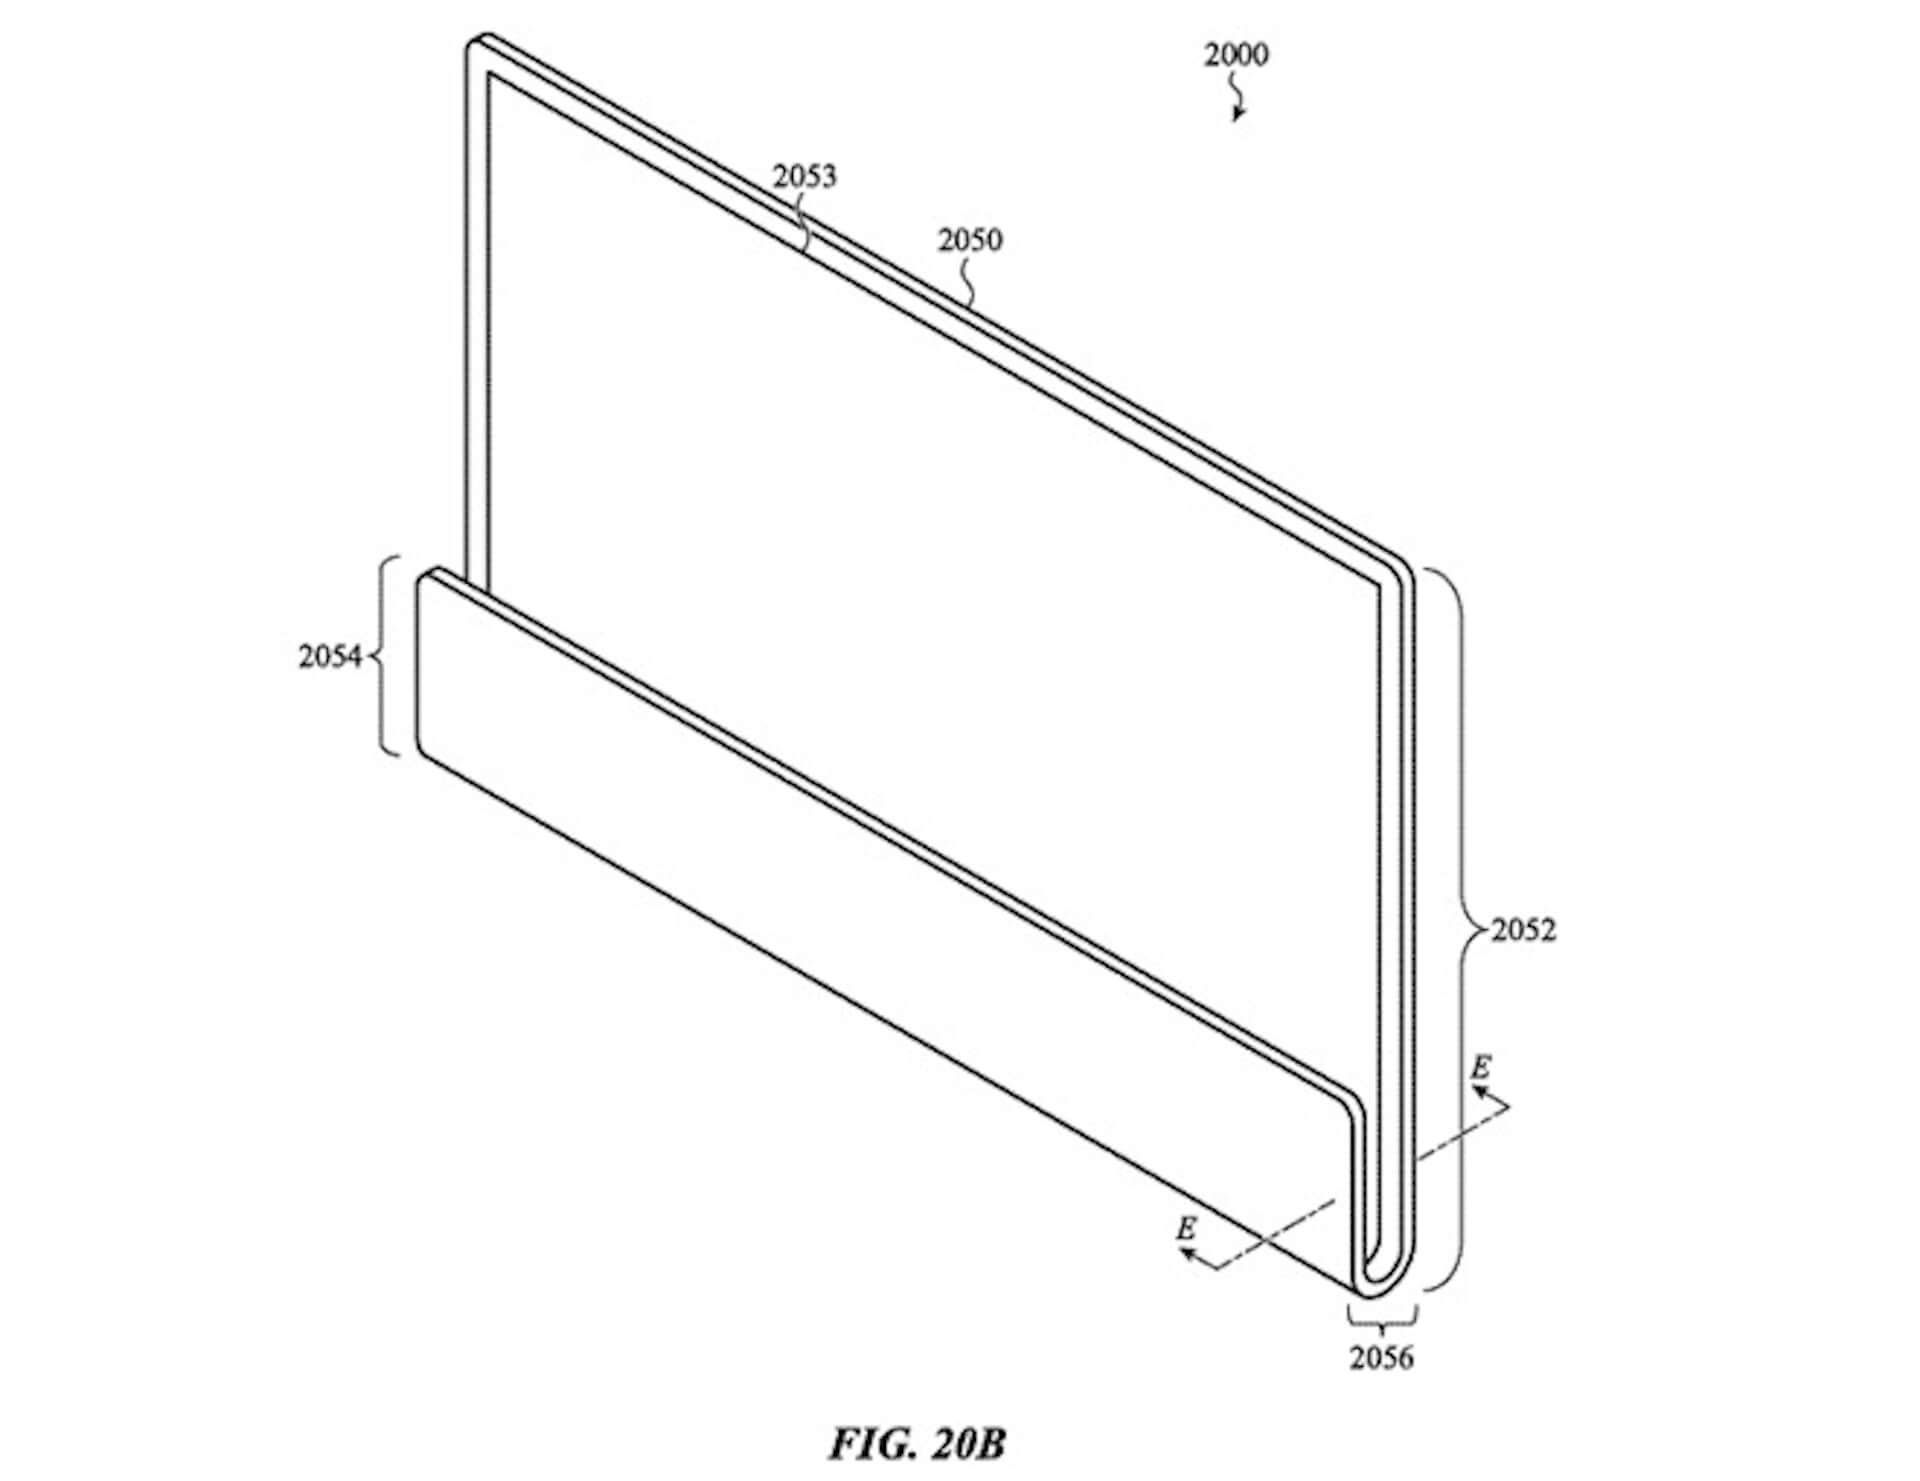 iMacがガラス製のディスプレイ1枚に生まれ変わる!?Appleが特許を申請 tech200127_imac_2